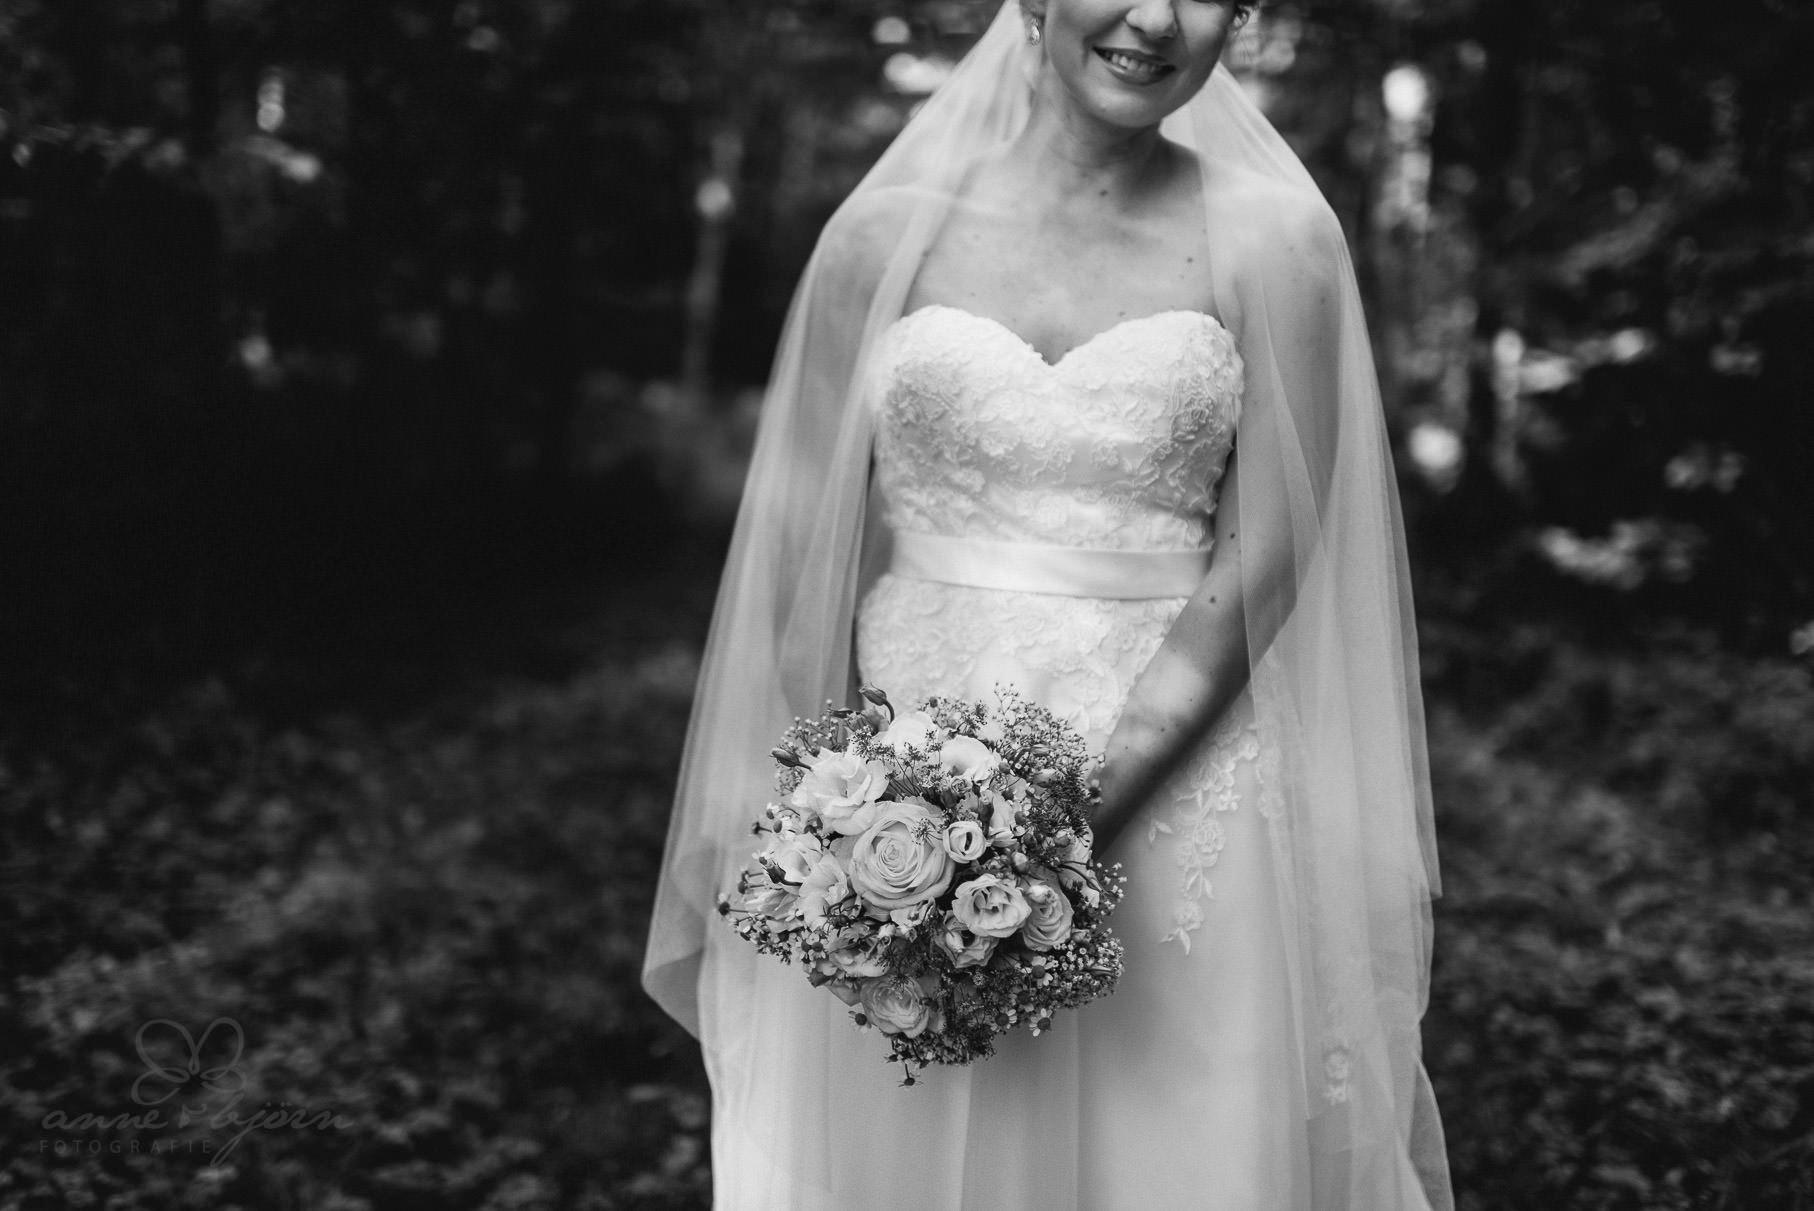 0007 euo 812 0010 - Hochzeit im Schloss Reinbek - Elvira & Olaf